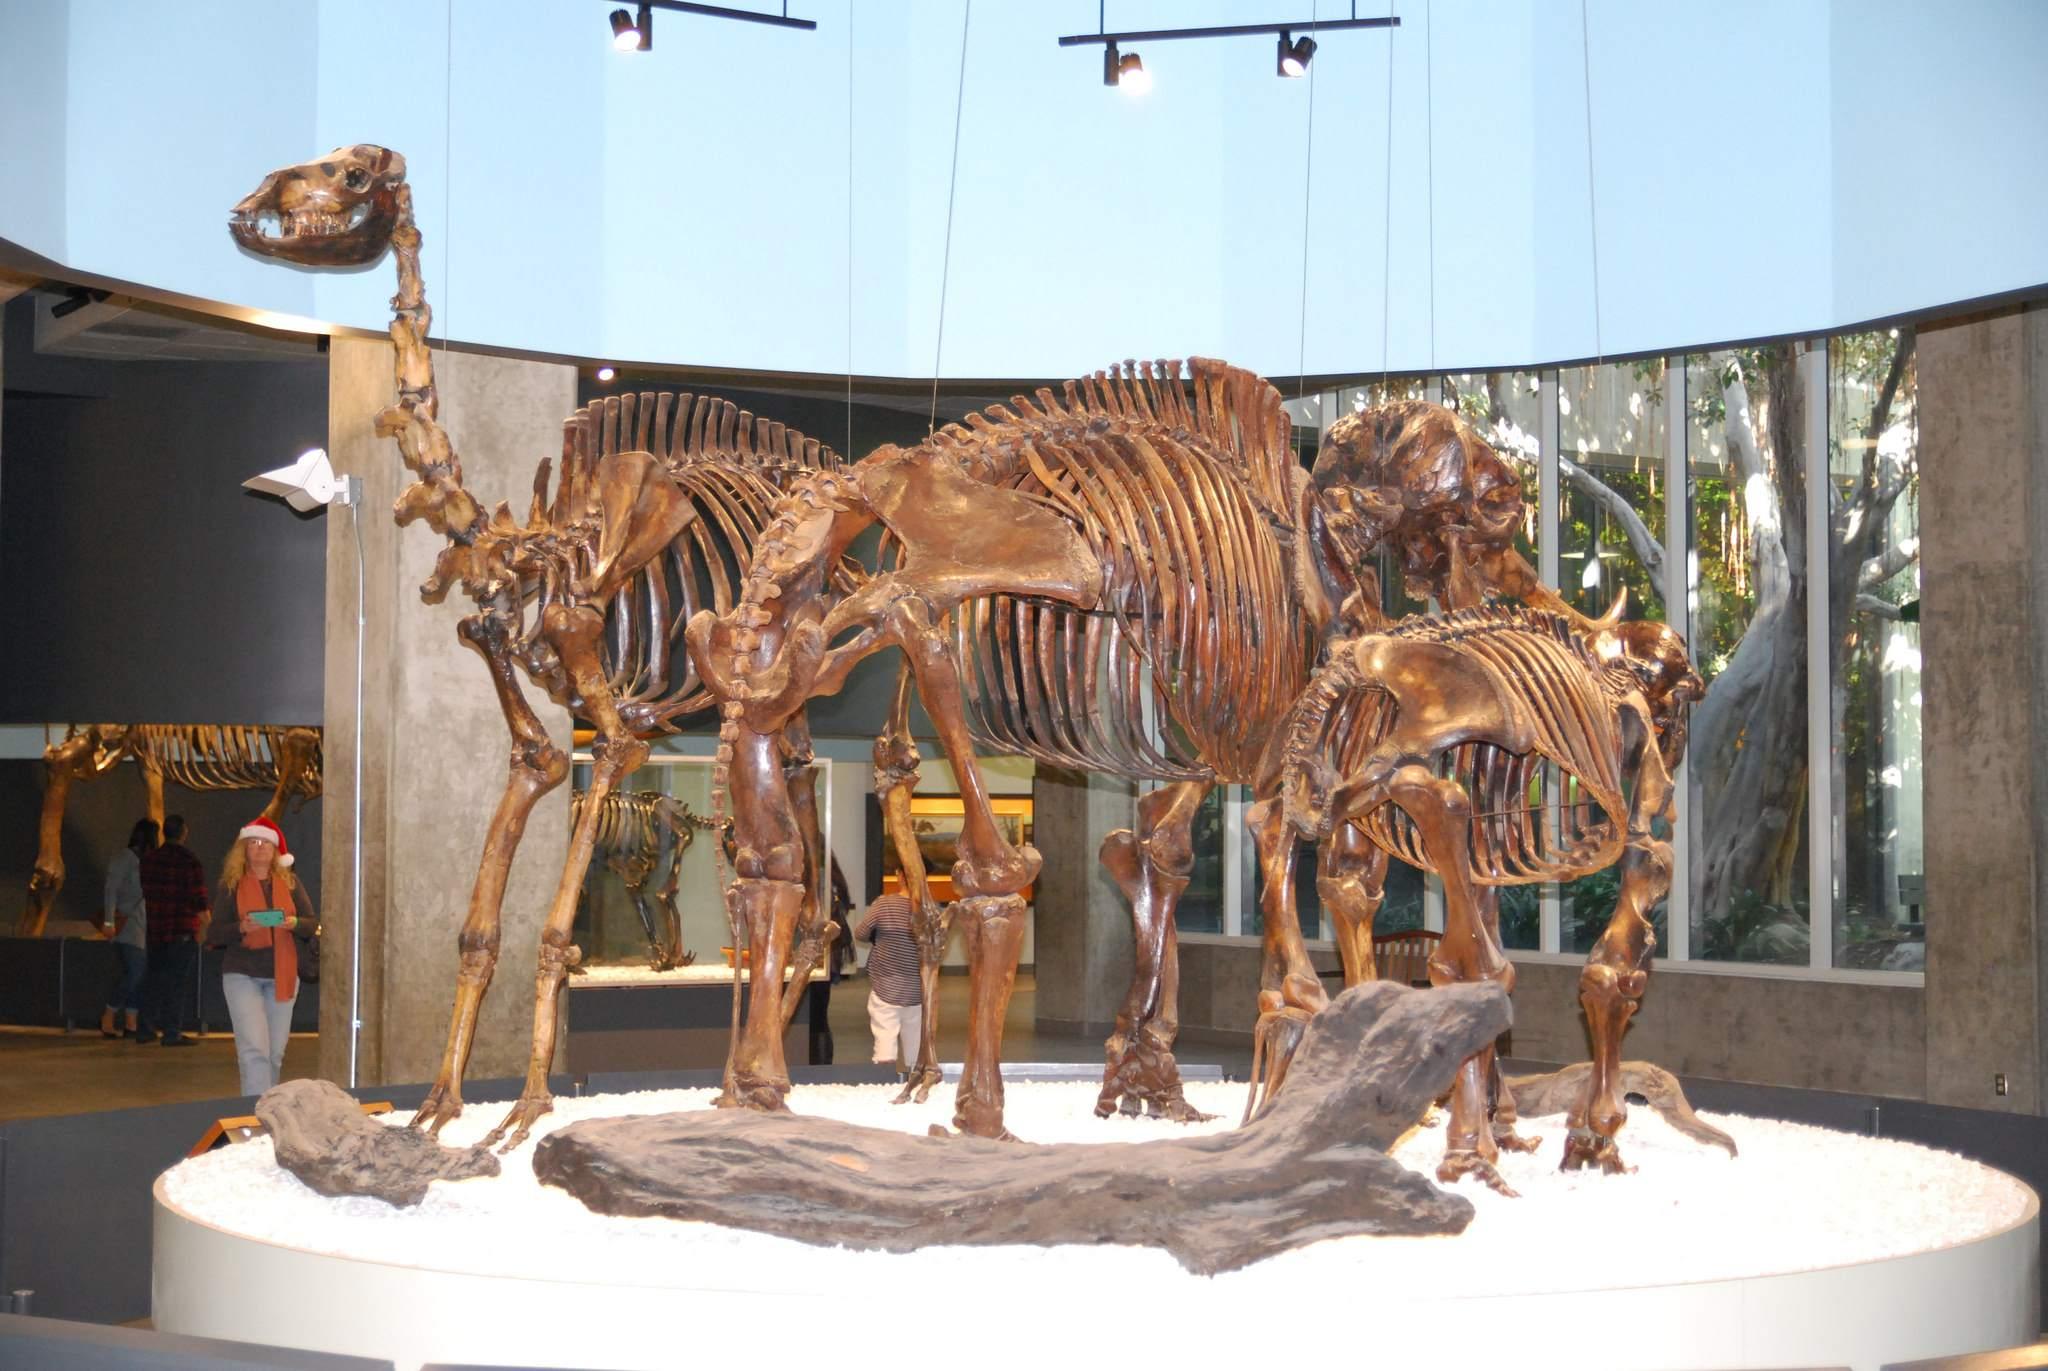 la brea tar pits2 La Brea Tar Pits and Museum in LA